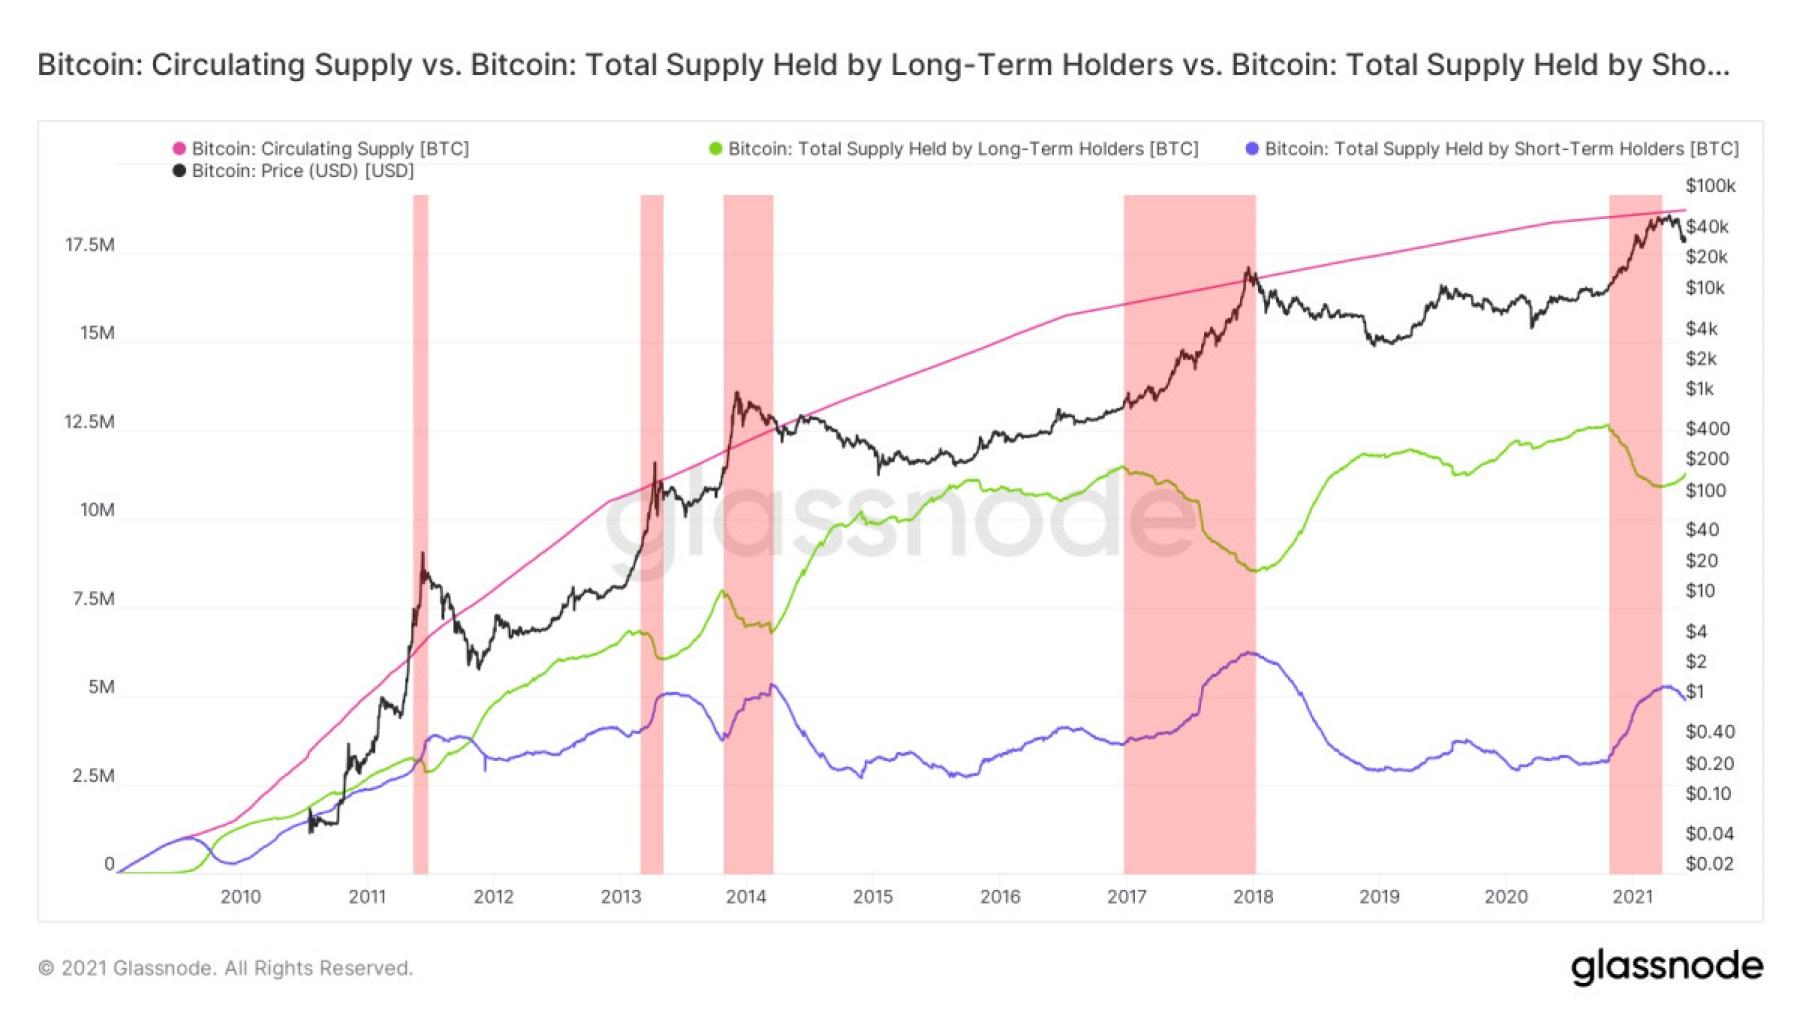 bitcoin circulating supply vs bitcoin total supply